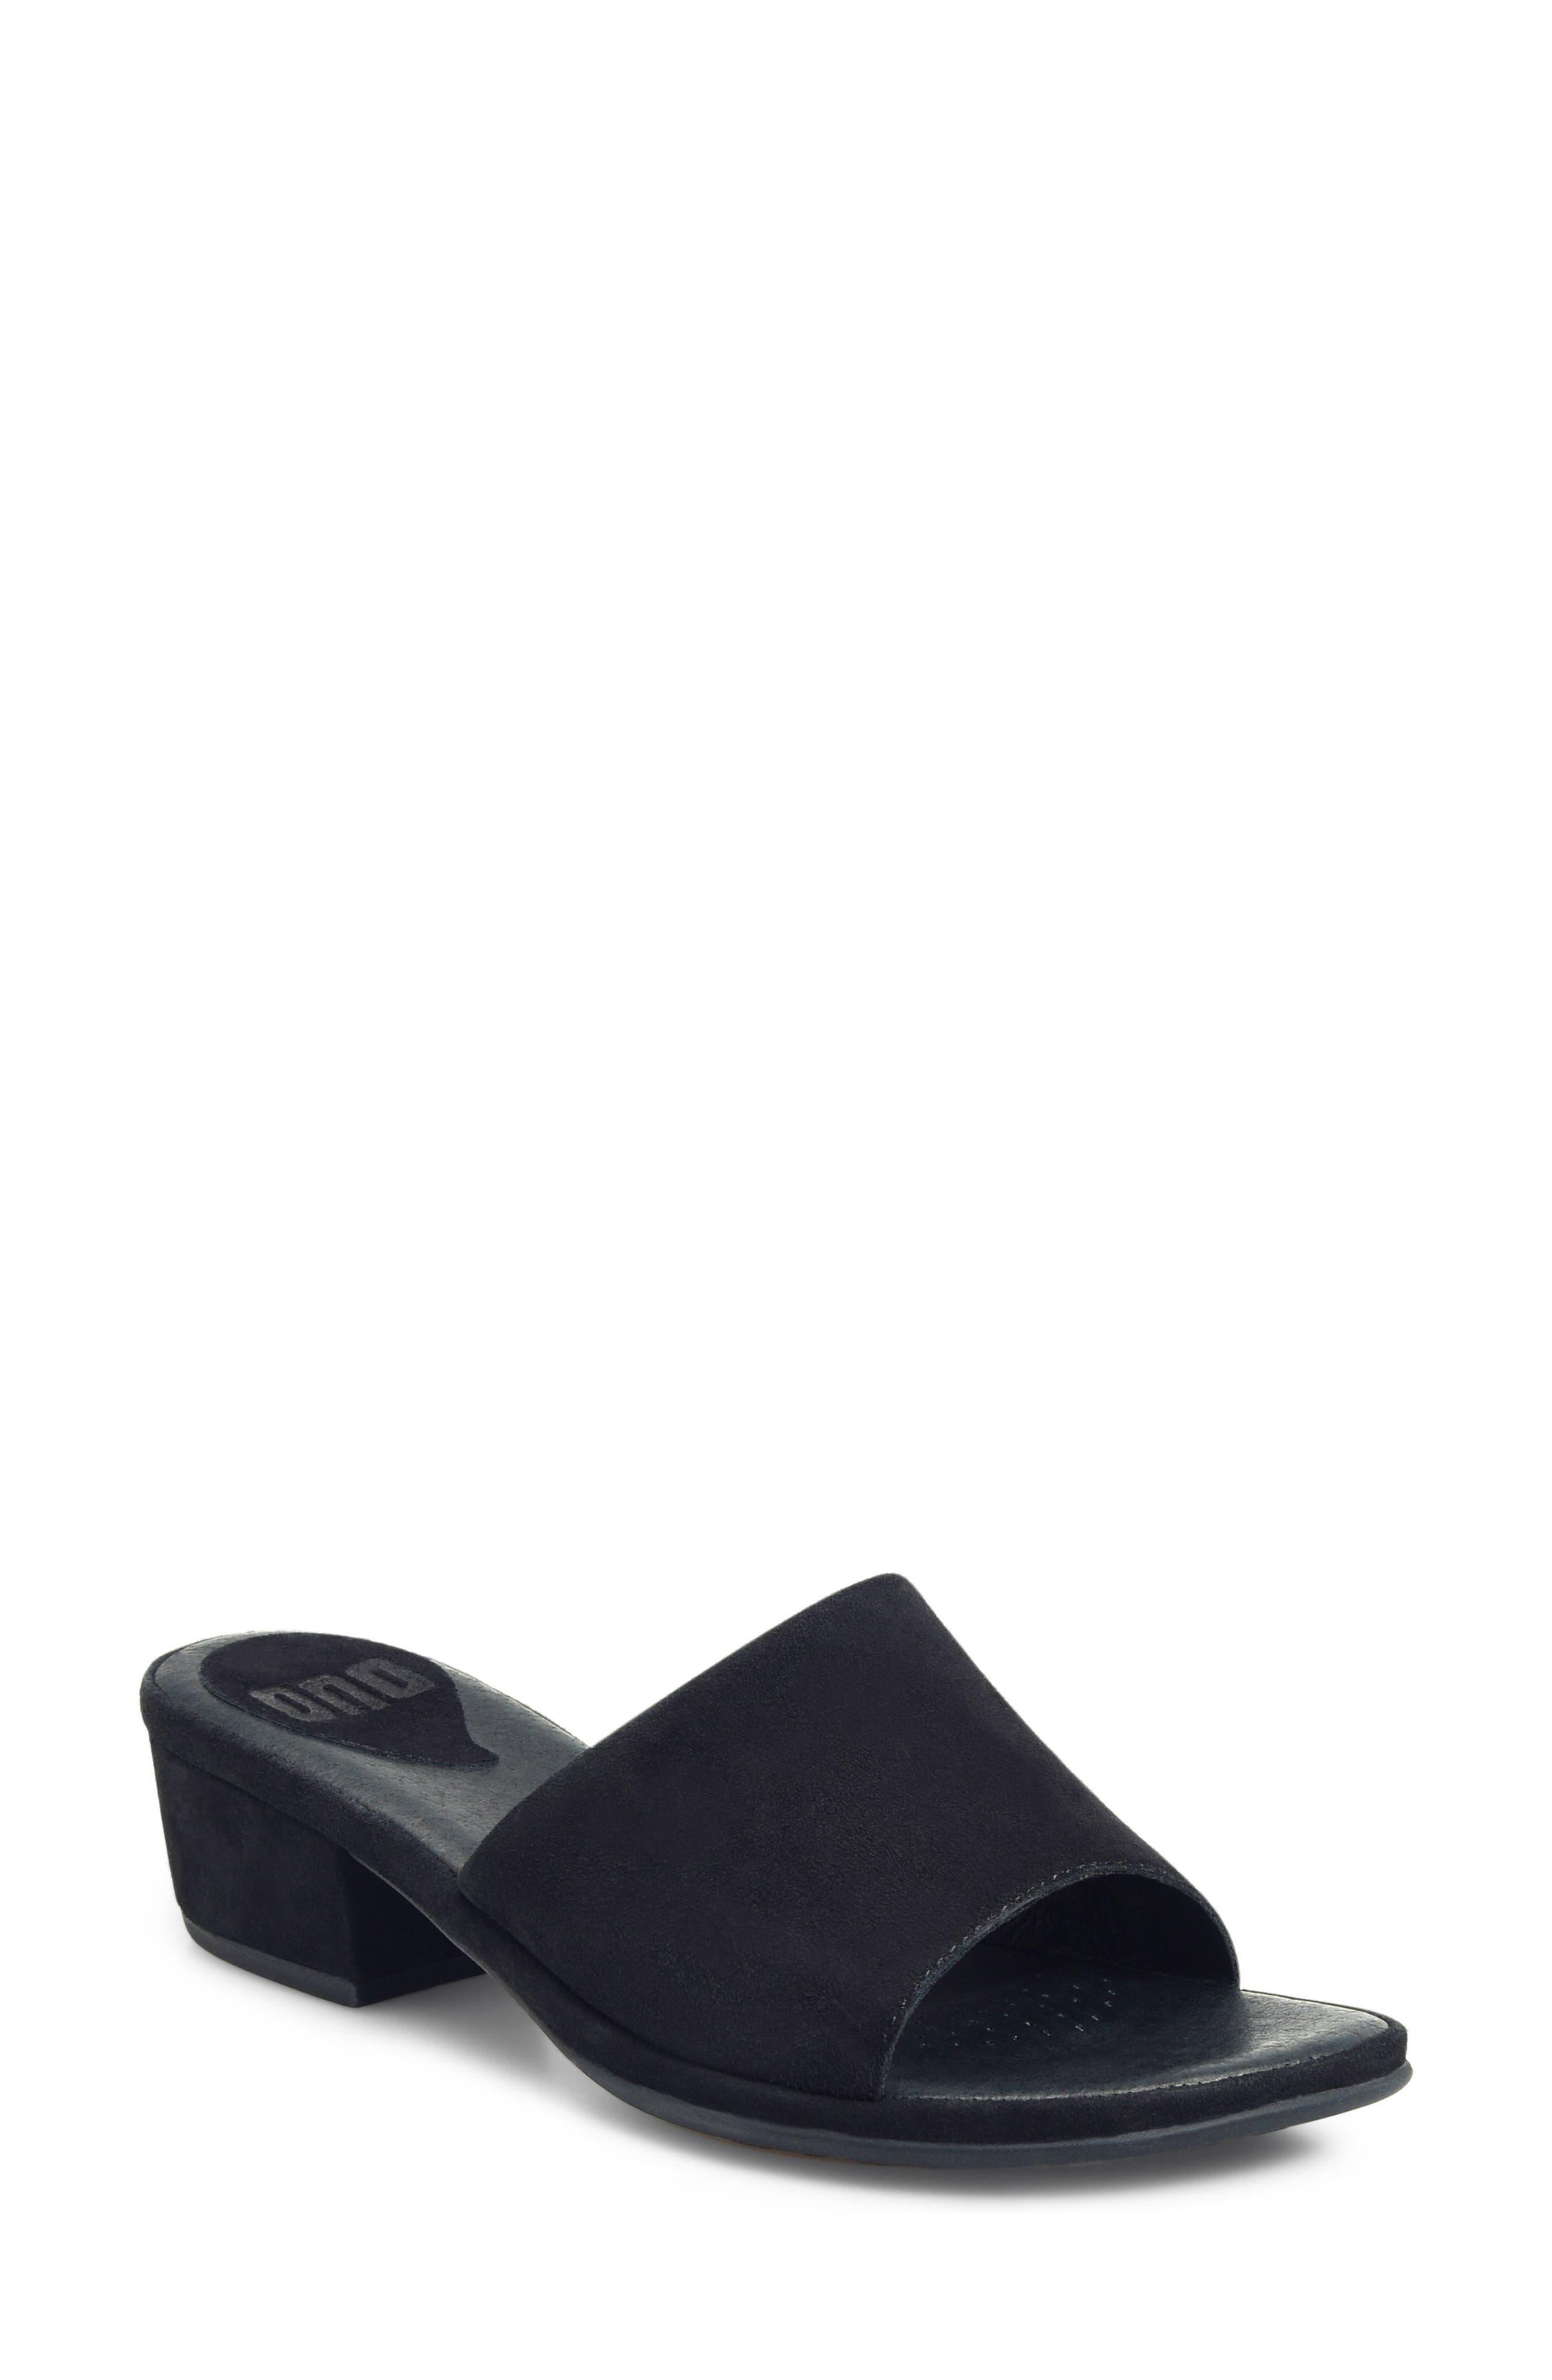 Alternate Image 1 Selected - ONO Bo Block Heel Slide Sandal (Women)